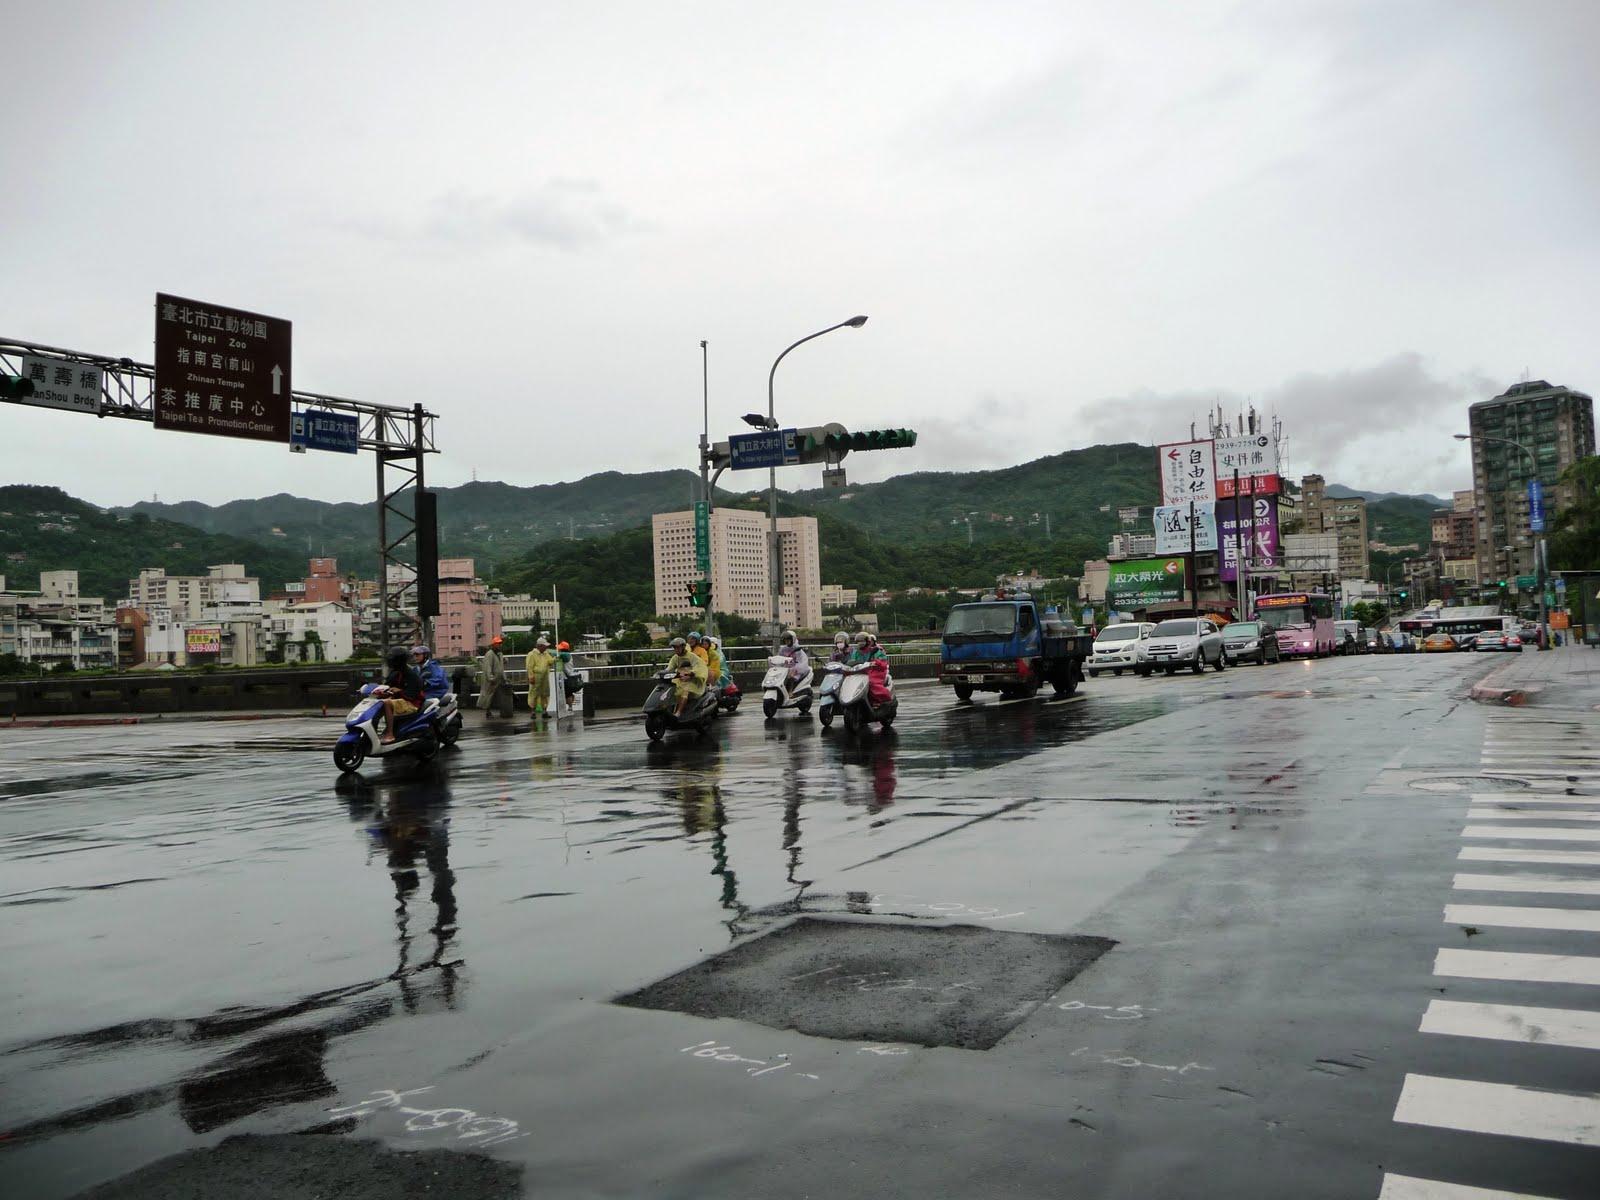 aber das ist noch lange nicht der taifun der soll erst montag kommen und deshalb haben wir uns heute mal mit einigen notigen sachen eingedeckt